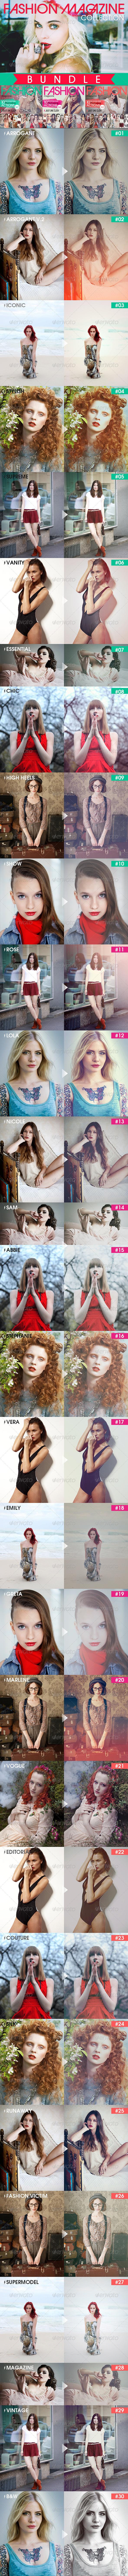 GraphicRiver Fashion Magazine Actions Bundle 7759241